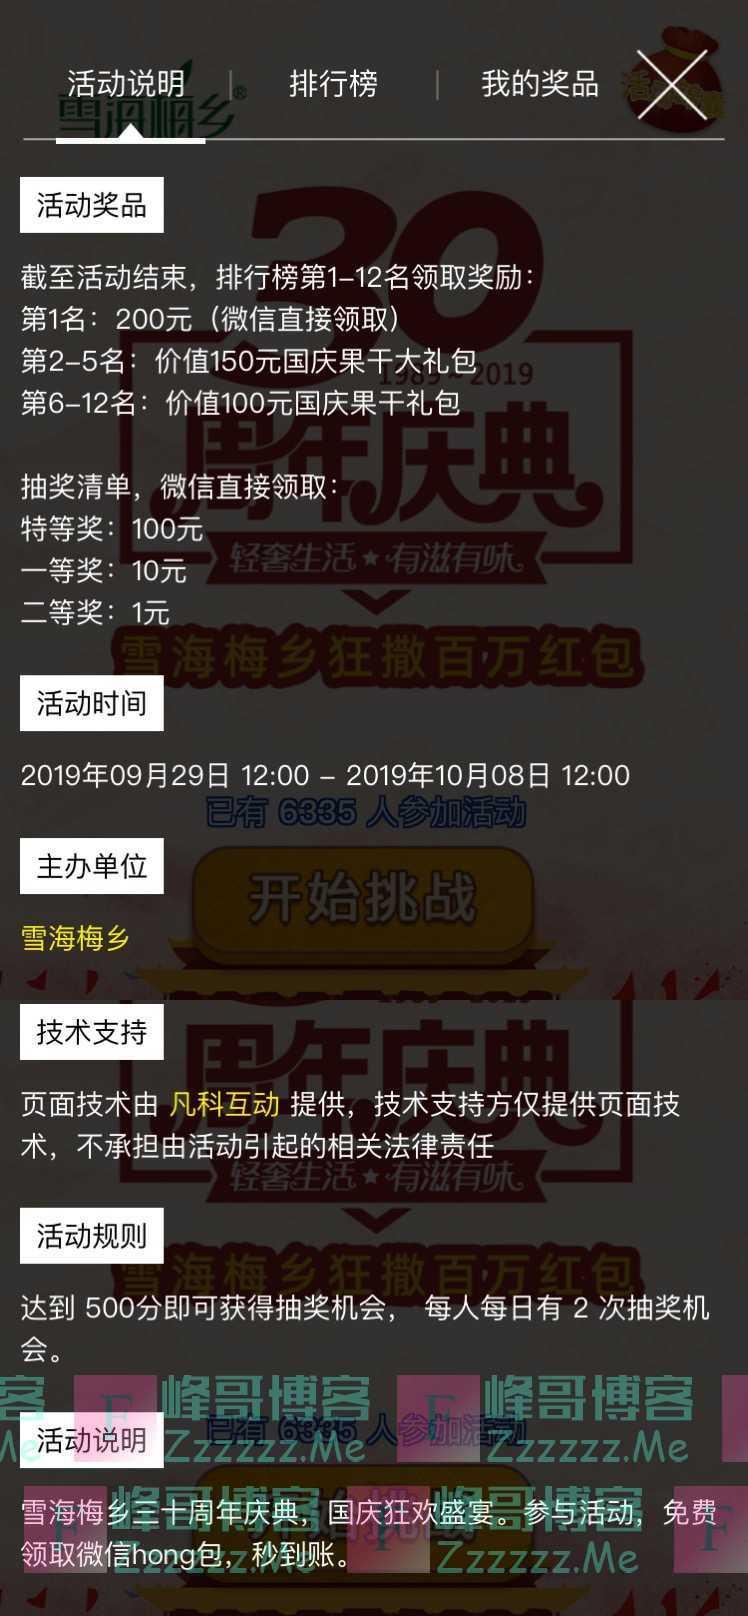 雪海梅乡30周年庆典 雪海梅乡狂撒百万红包(10月8日截止)